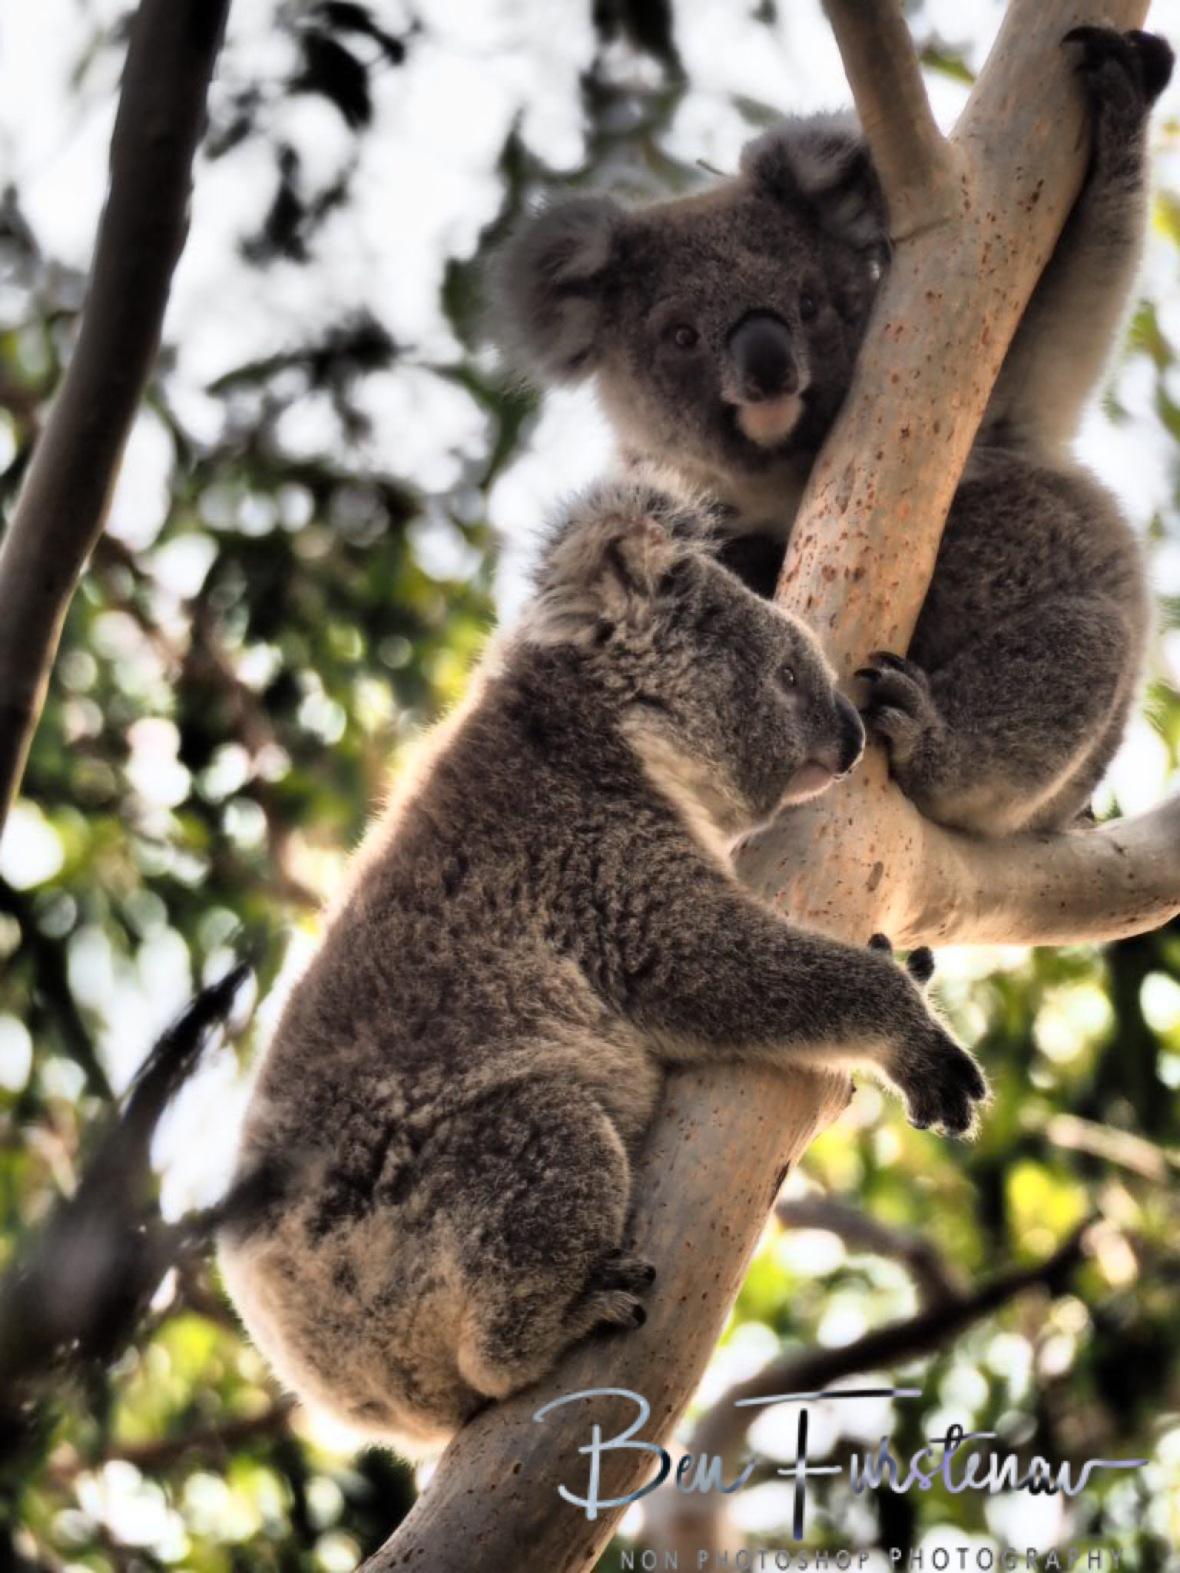 So cute at Woodburn, Northern New South Wales, Australia